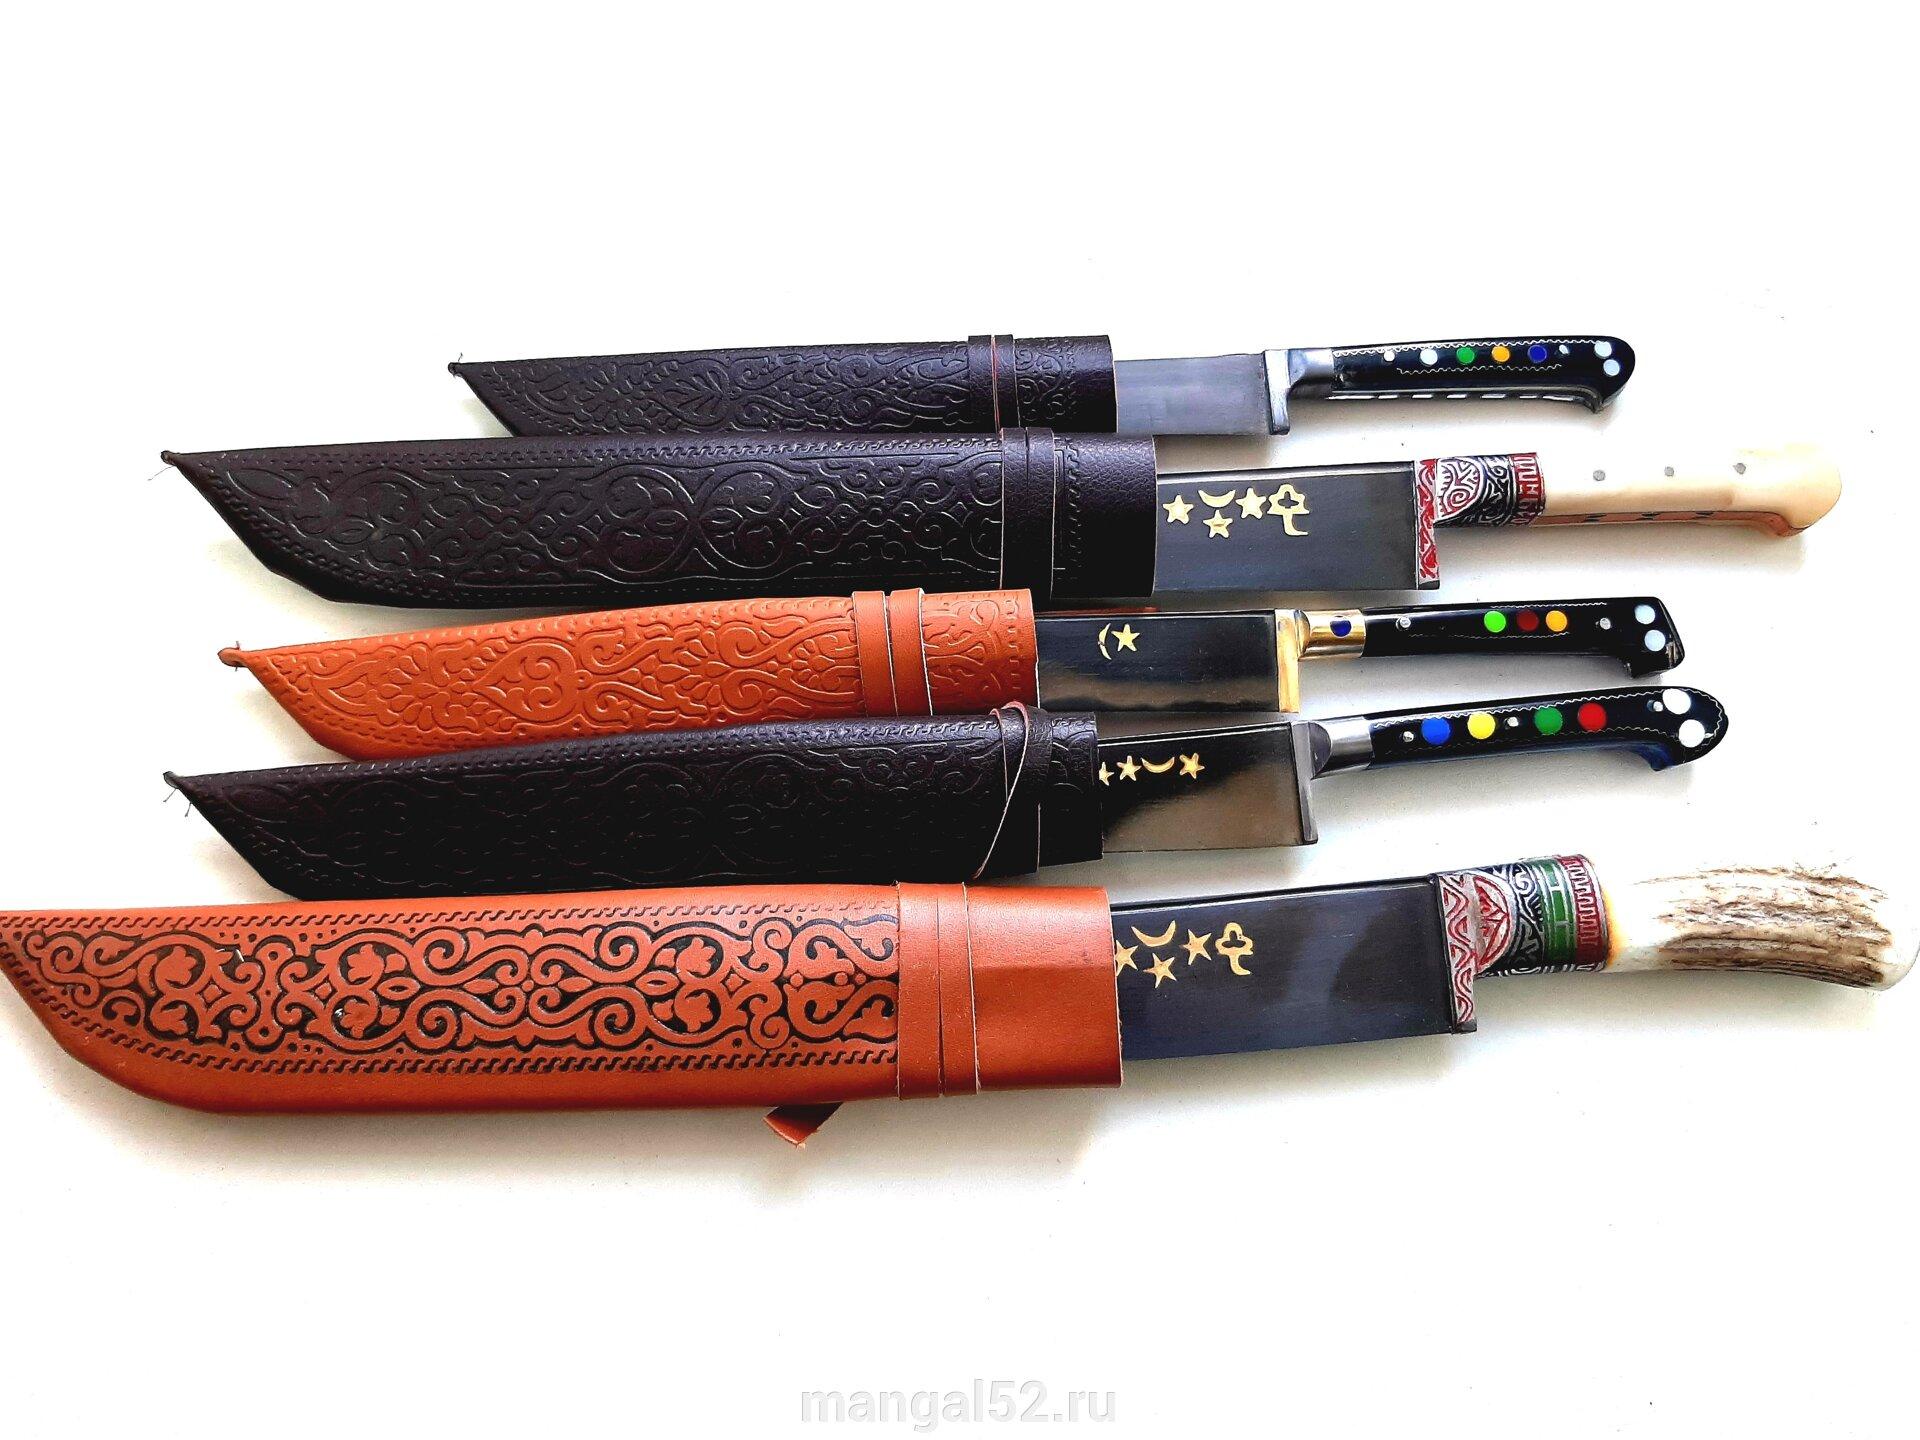 купить пчак-узбекский нож в Нижнем Новгороде